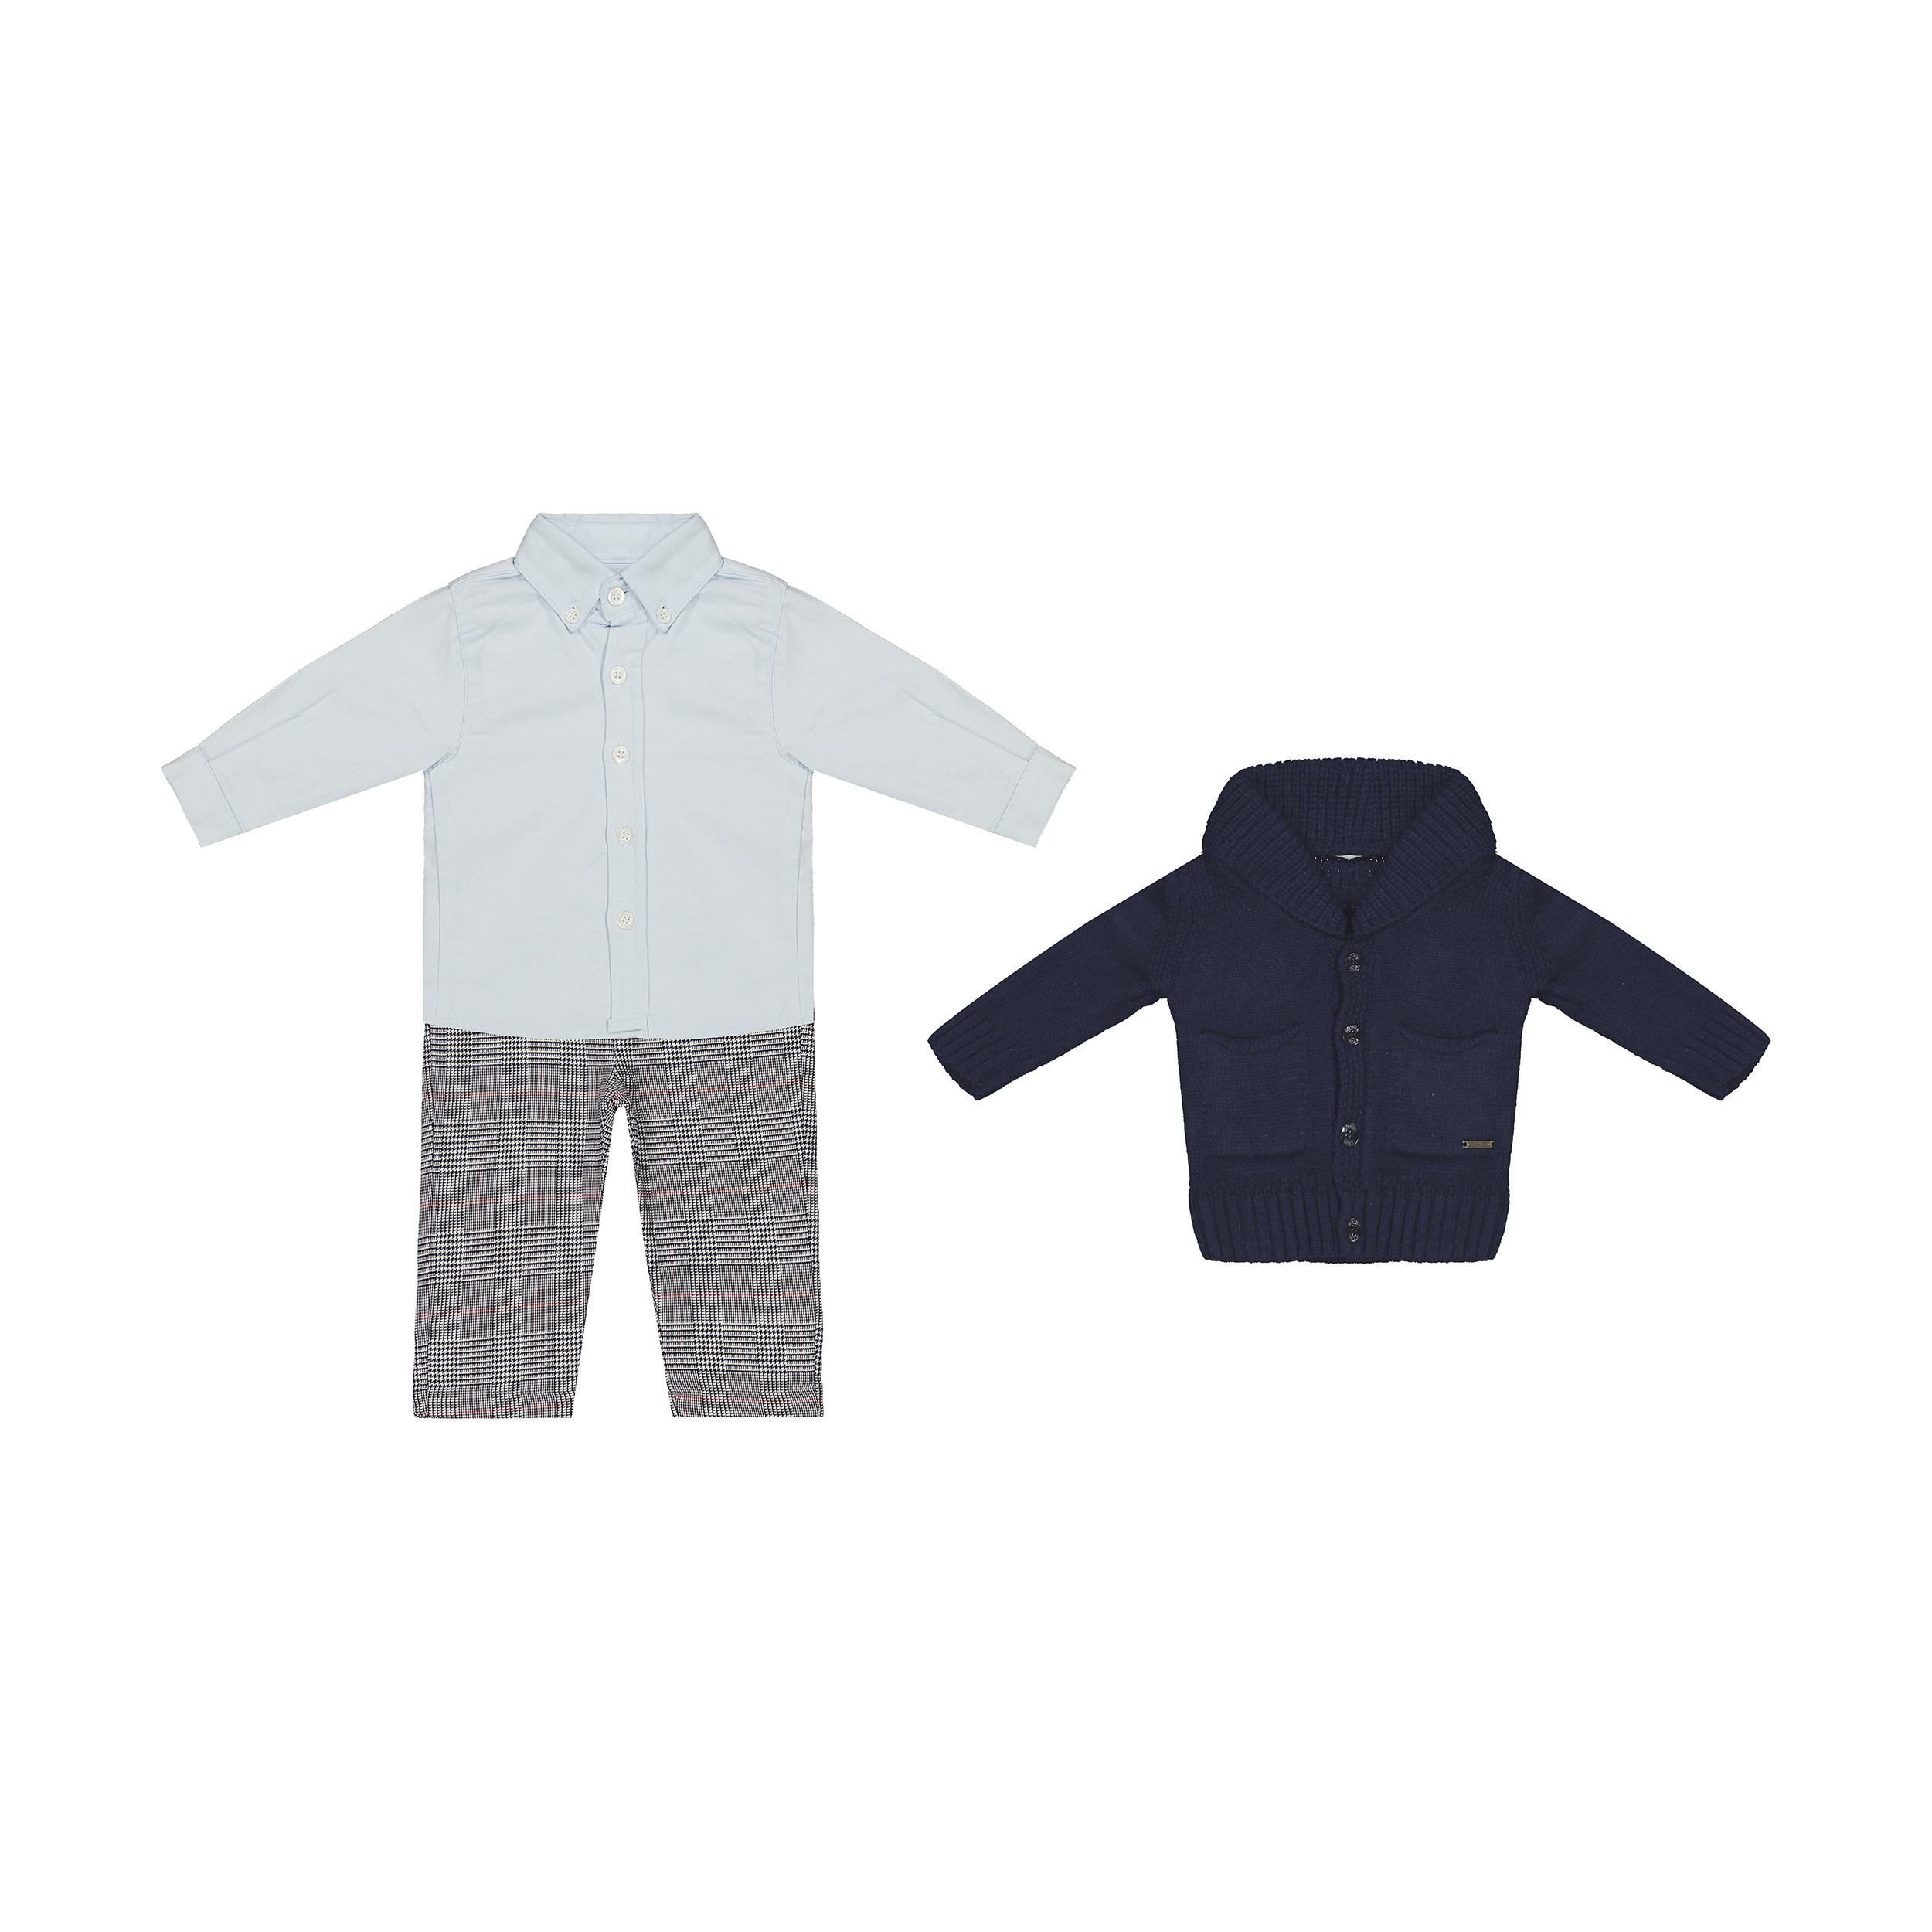 ست 3 تکه لباس نوزادی پسرانه مونا رزا مدل 2141150-59